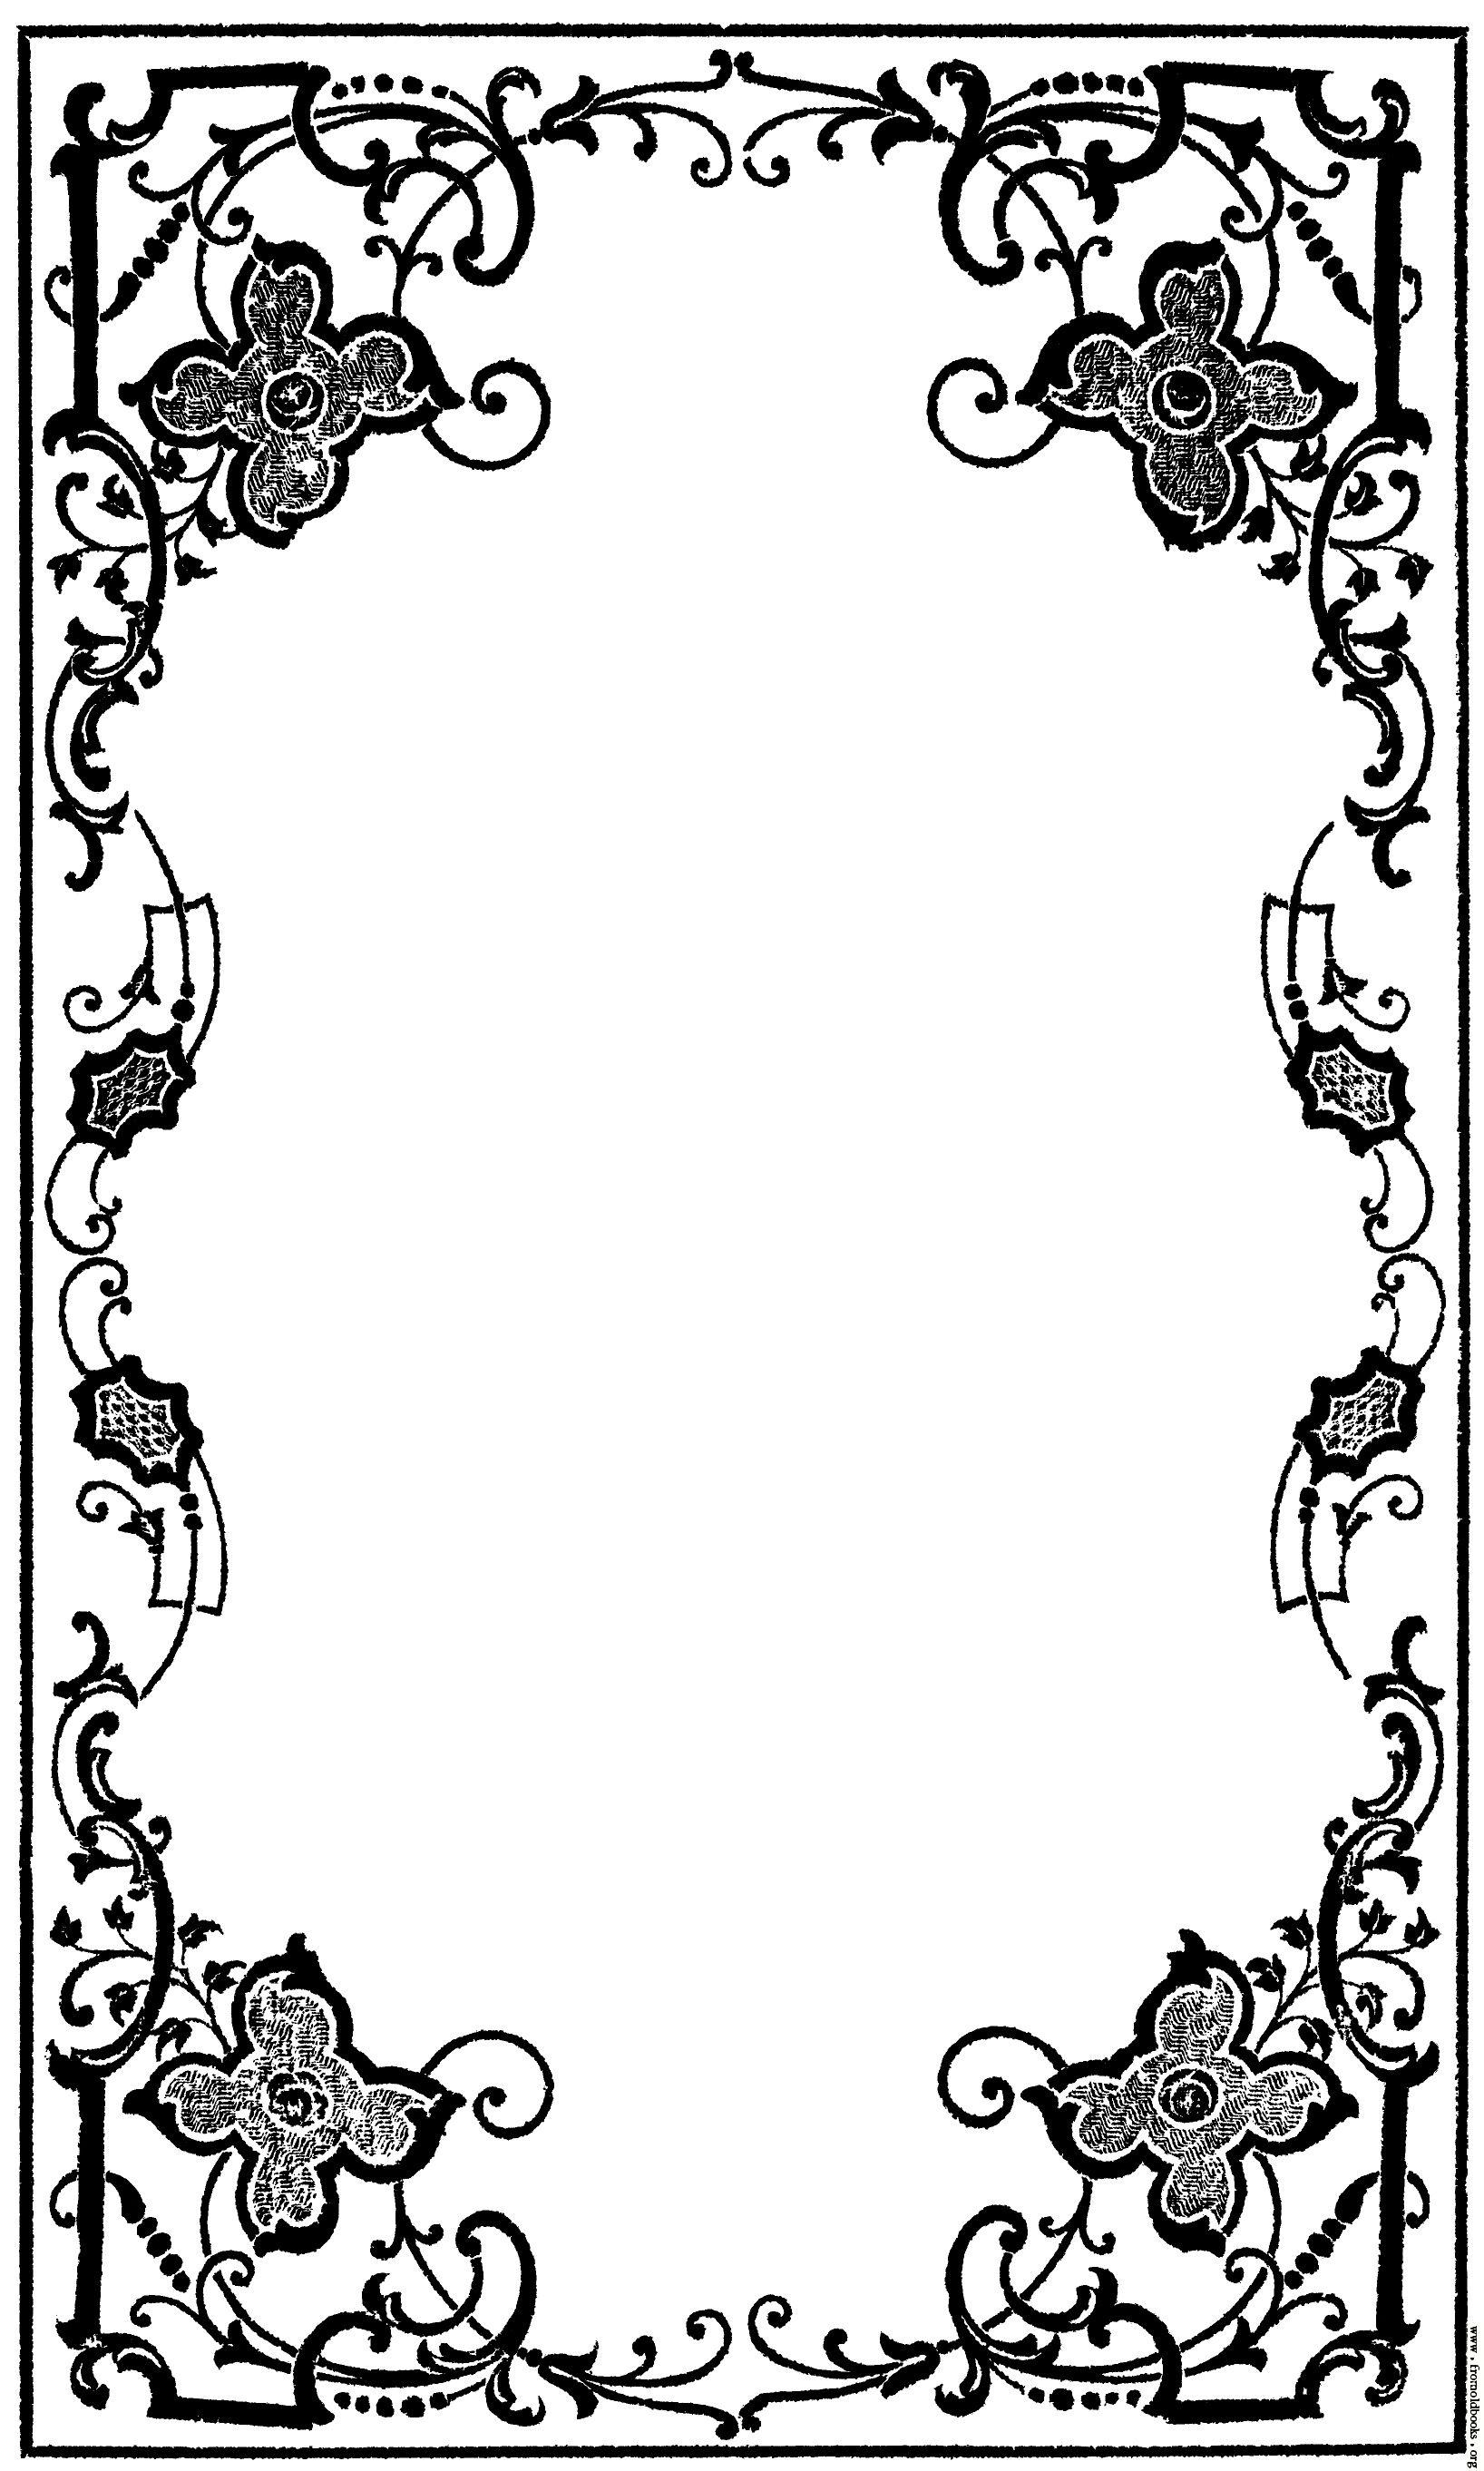 Victorian borders clipart clip black and white stock victorian book decoration - Google Search | Parlor Party ... clip black and white stock